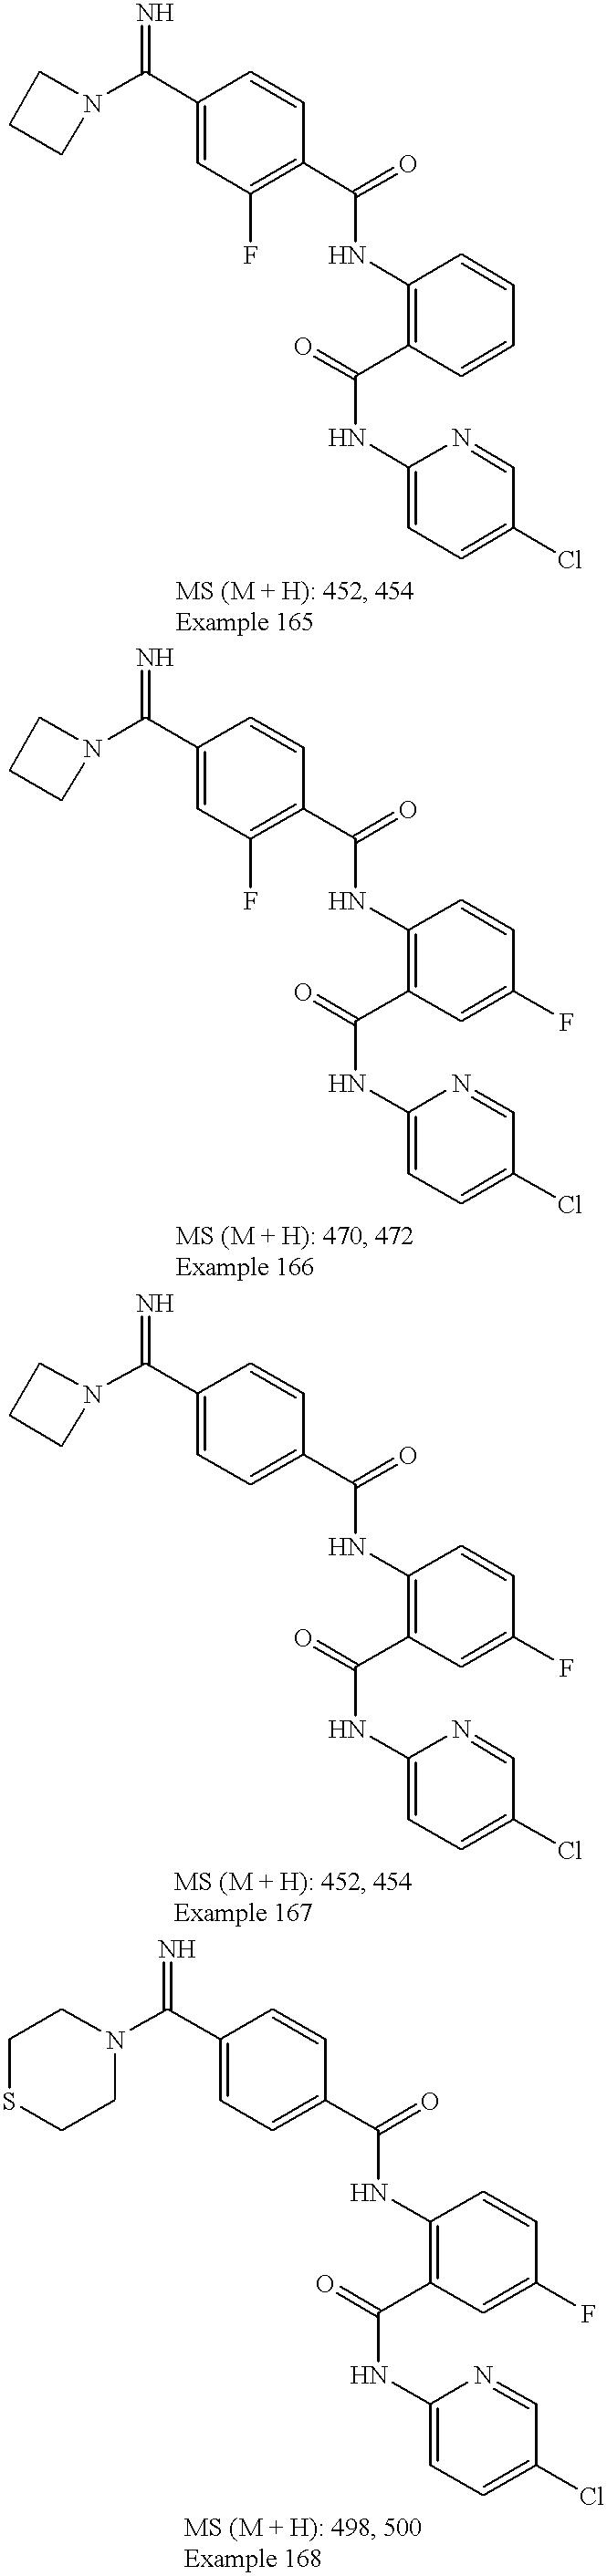 Figure US06376515-20020423-C00337